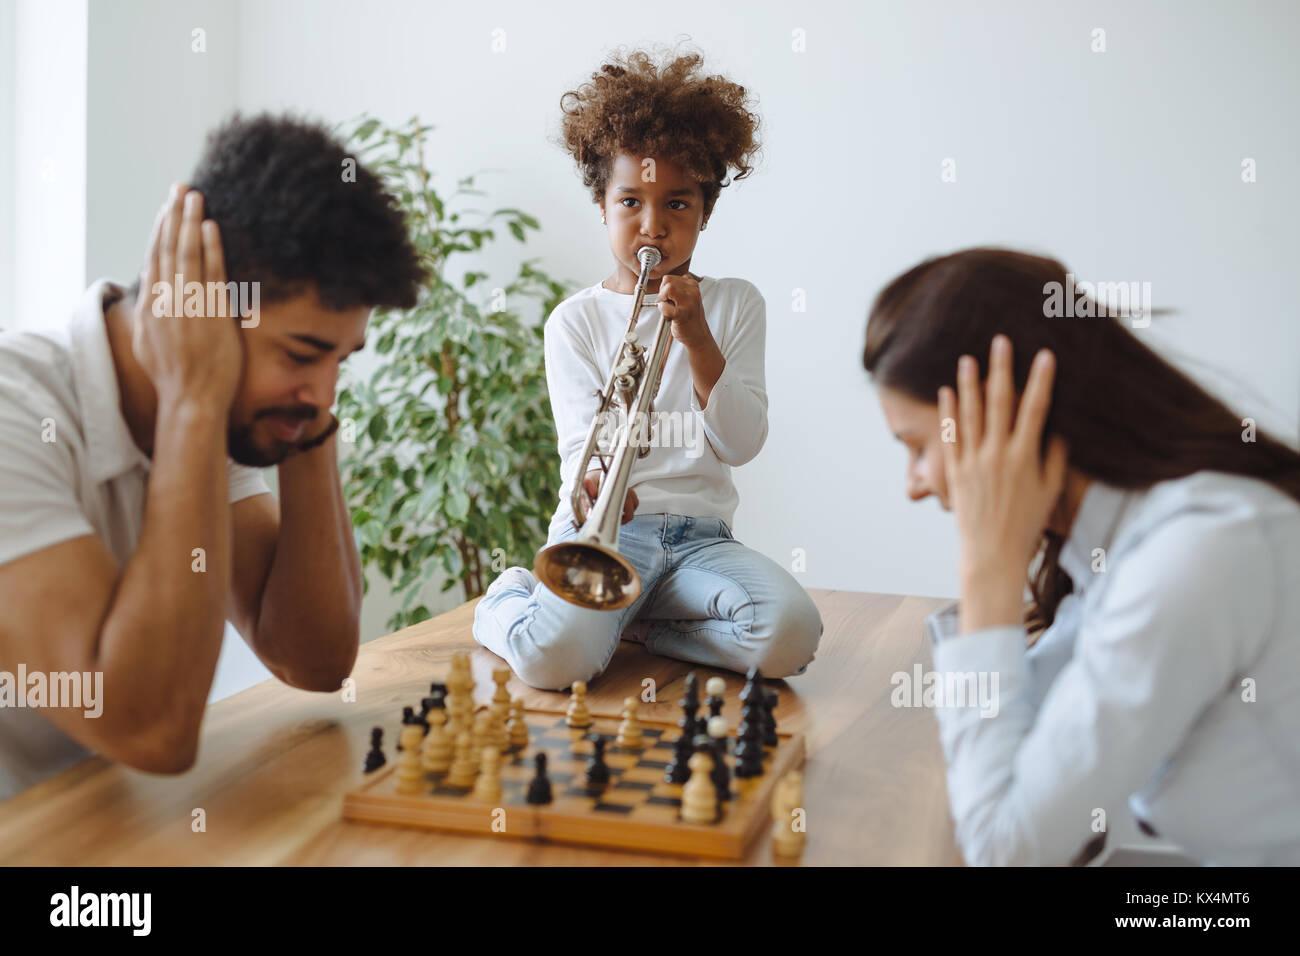 La madre y el padre tratando de jugar al ajedrez, mientras su hijo juega trompeta Foto de stock